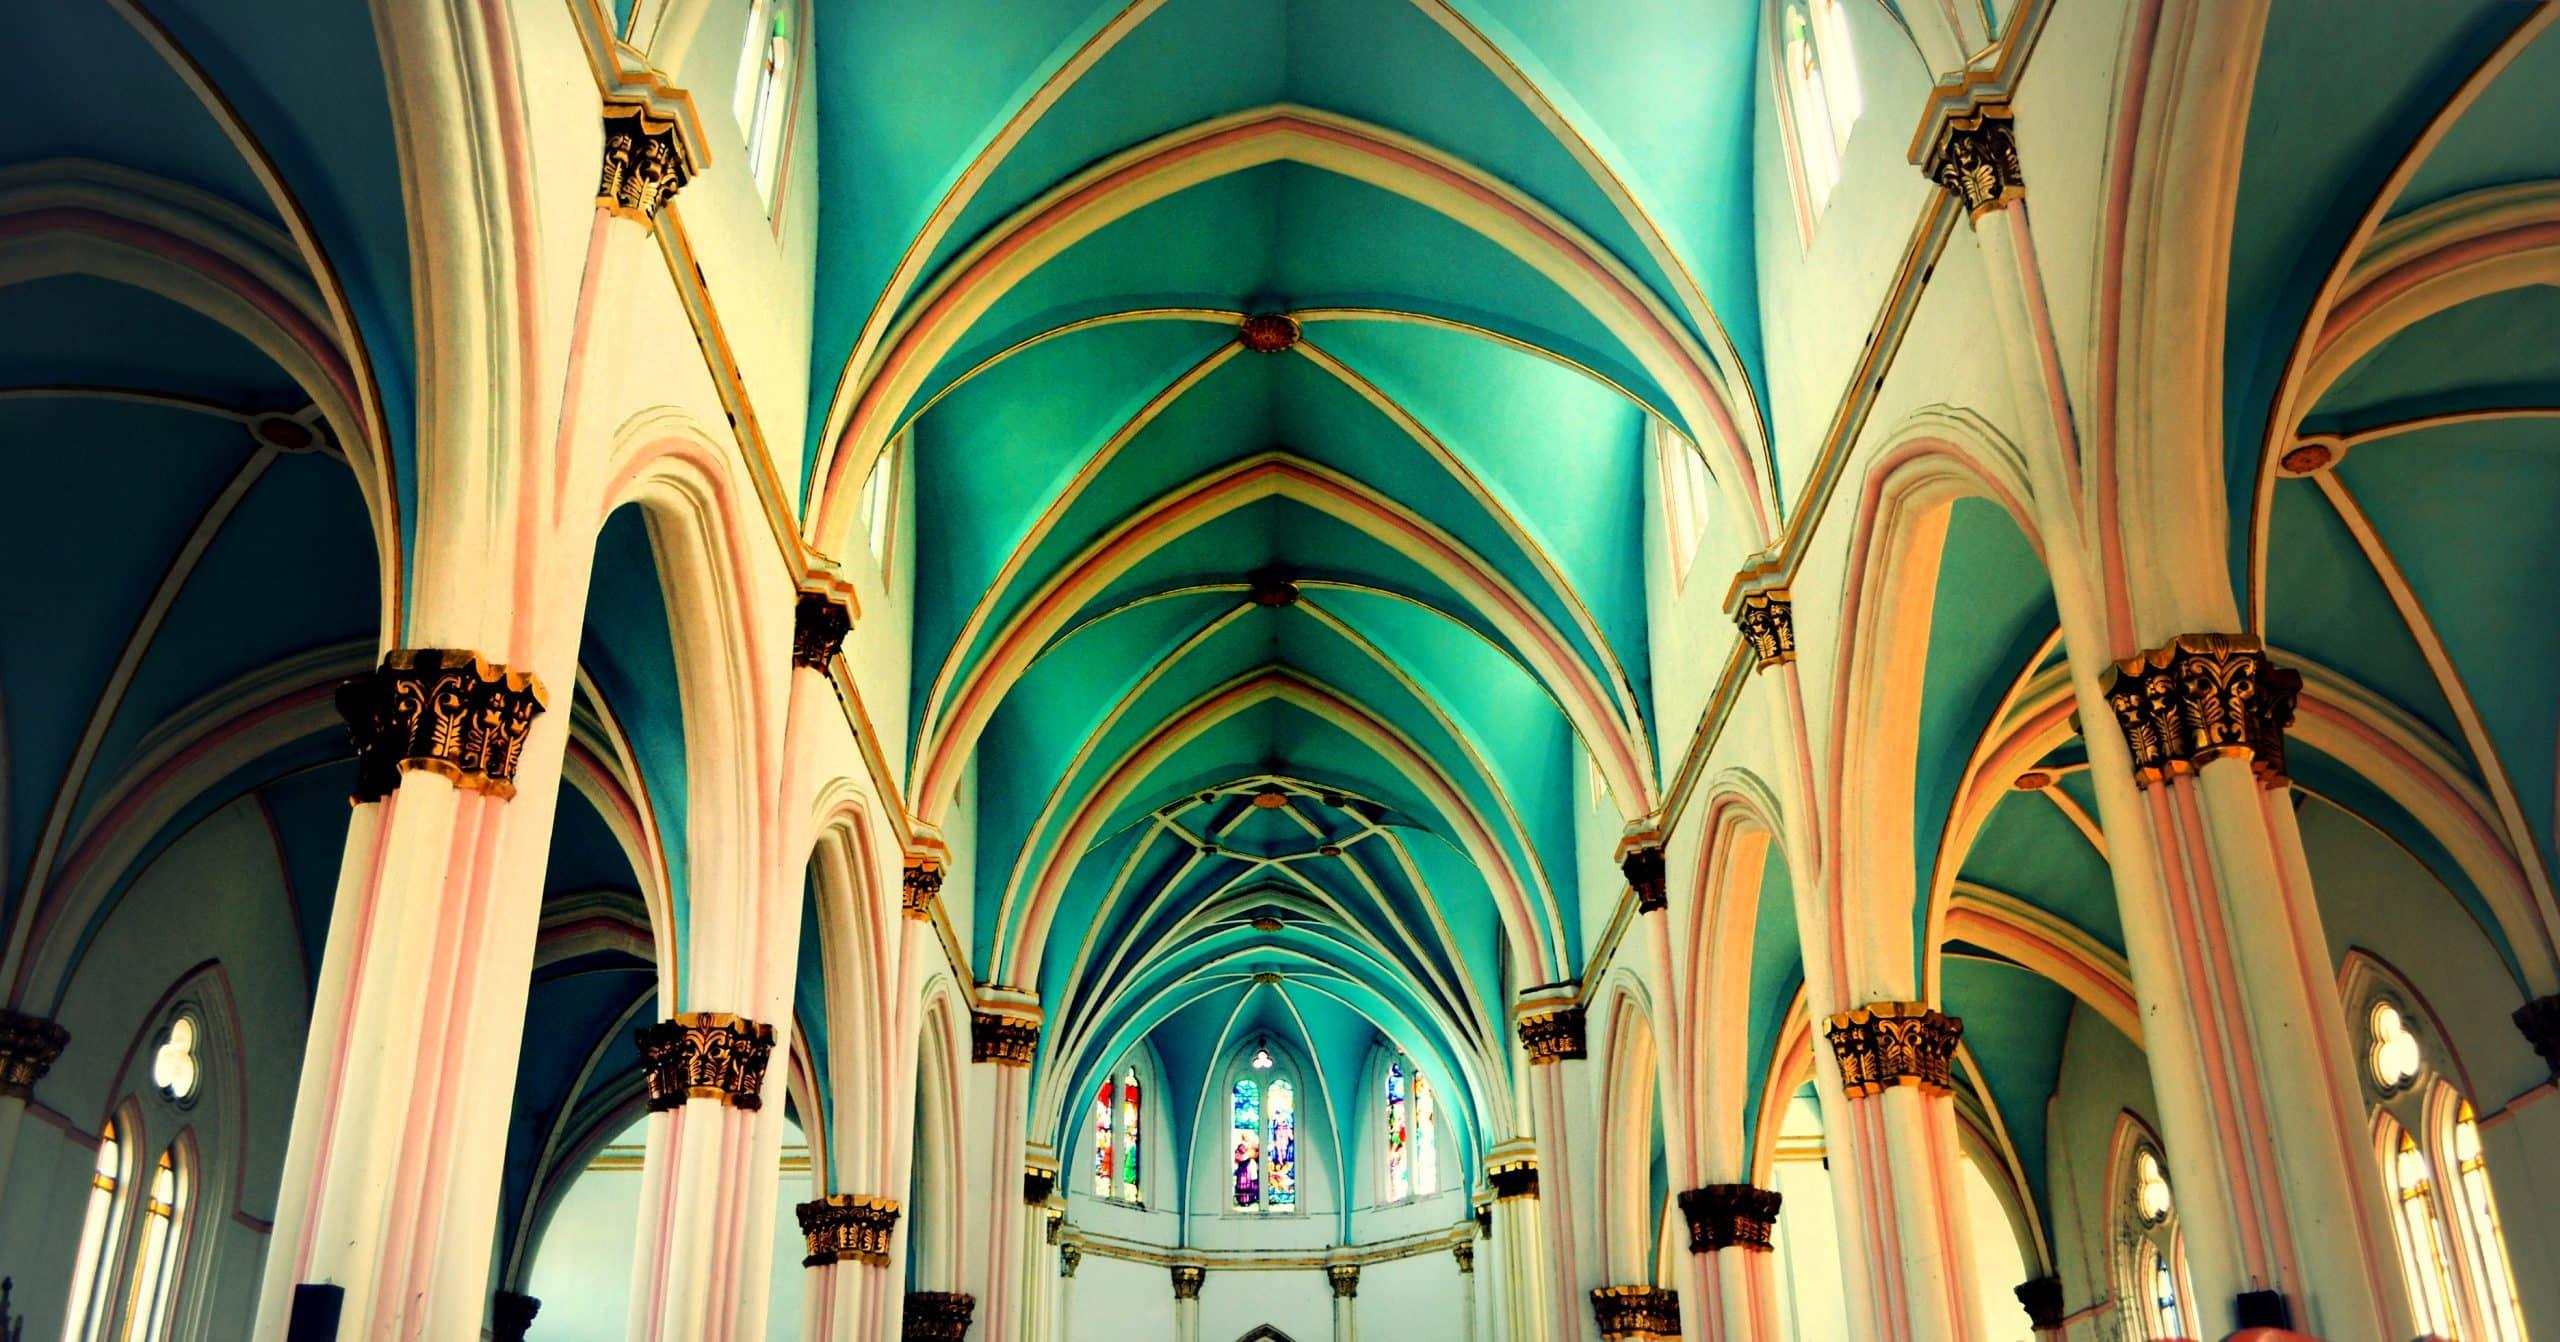 Iglesia del Sagrado Corazòn de María - Jericó